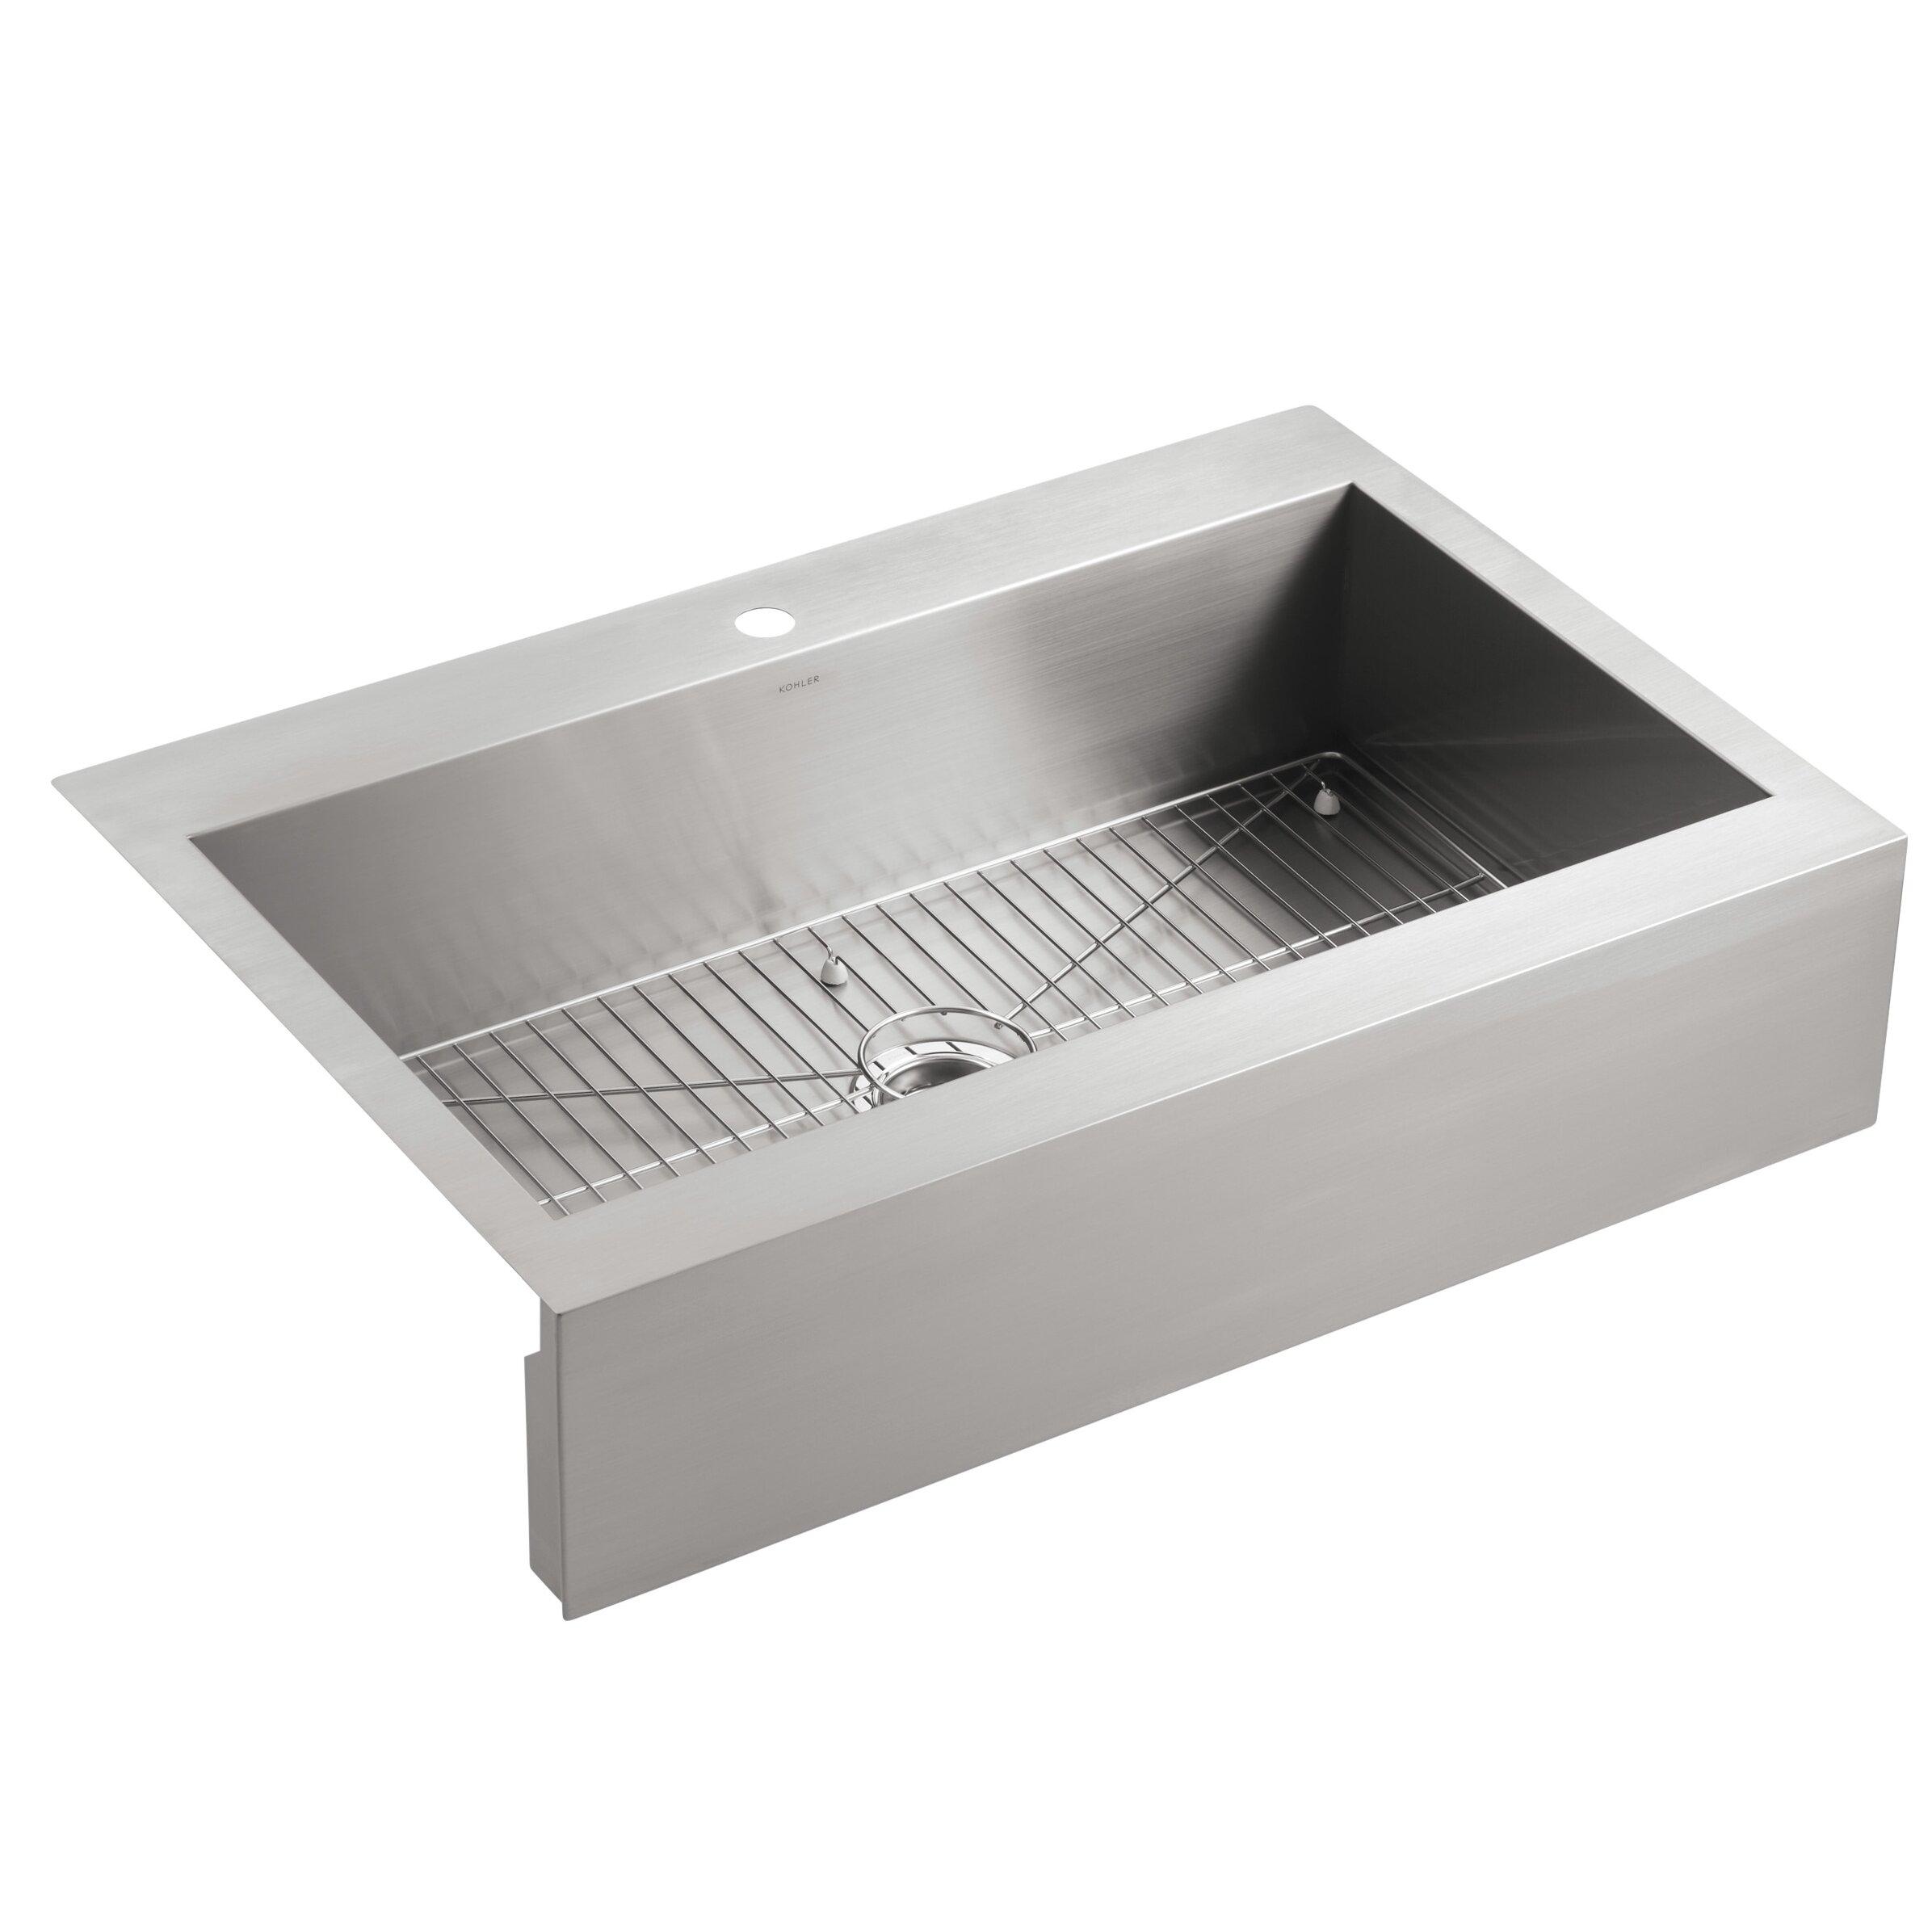 Kohler Sink Mats : ... Steel Kitchen Sink with Shortened Apron-Front for 36